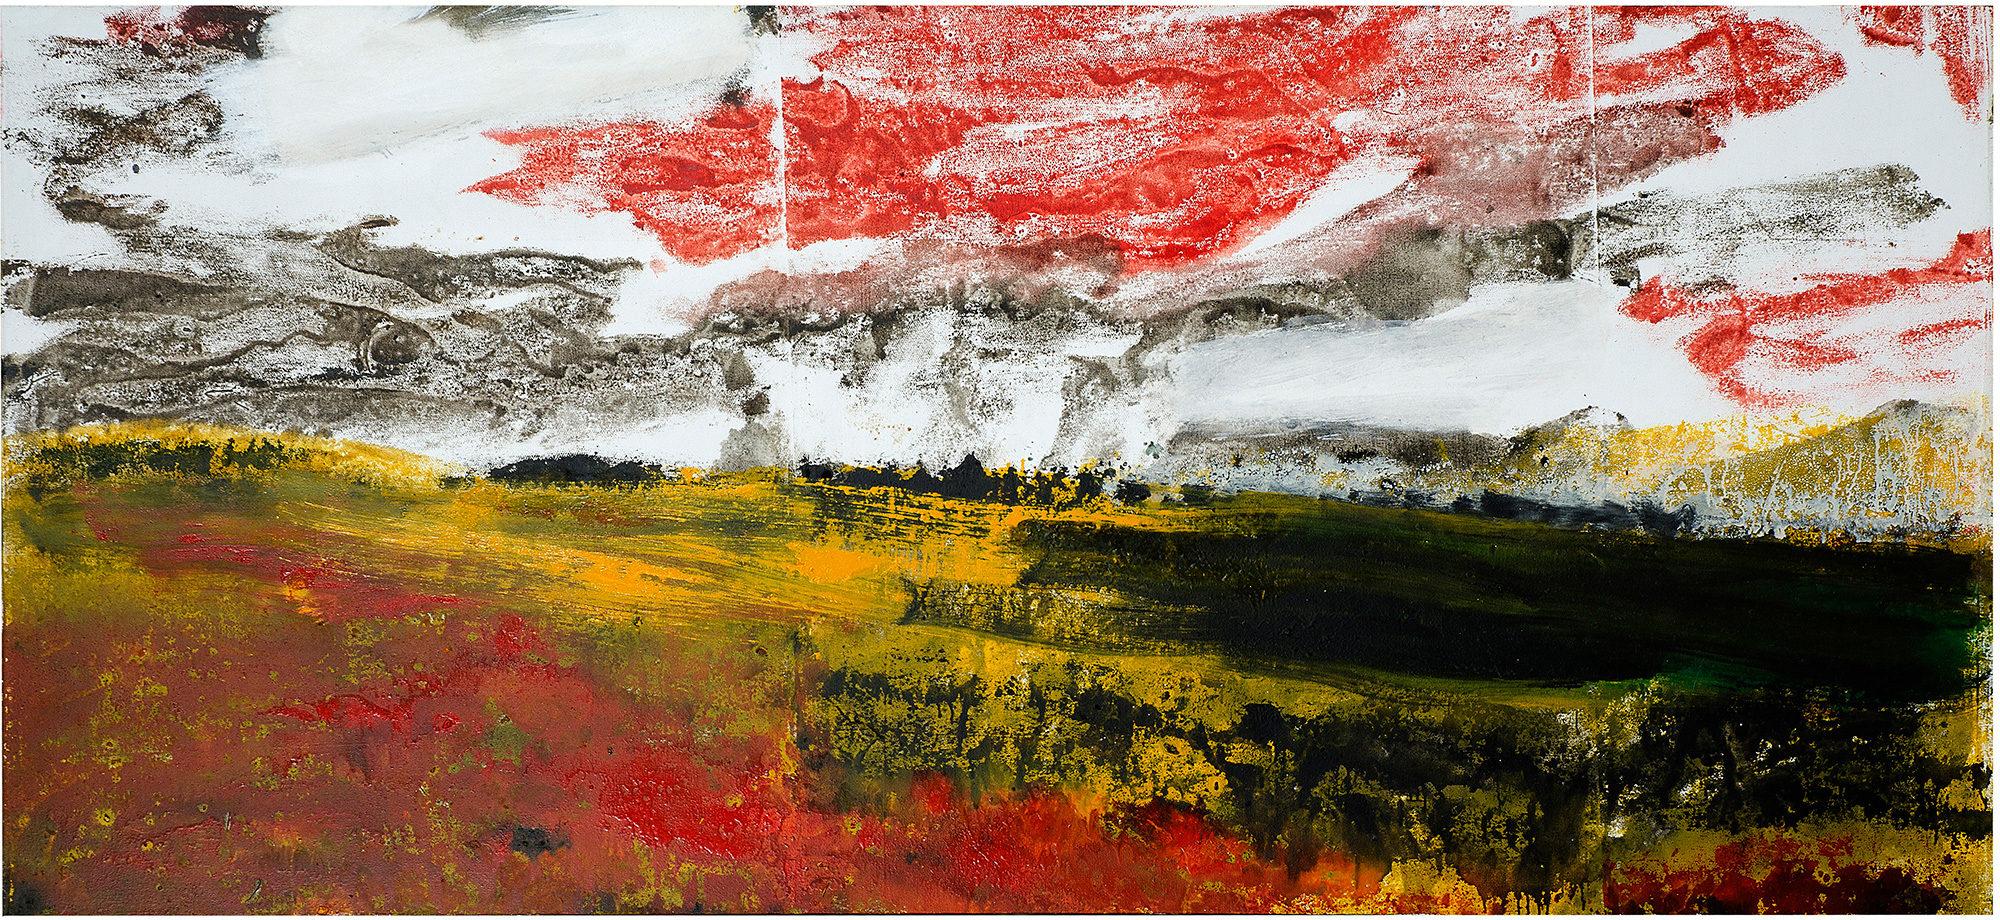 Le ciel et la terre, 2005, monotype sur toile, 64 x 162 cm. (Photo © A.Morain)